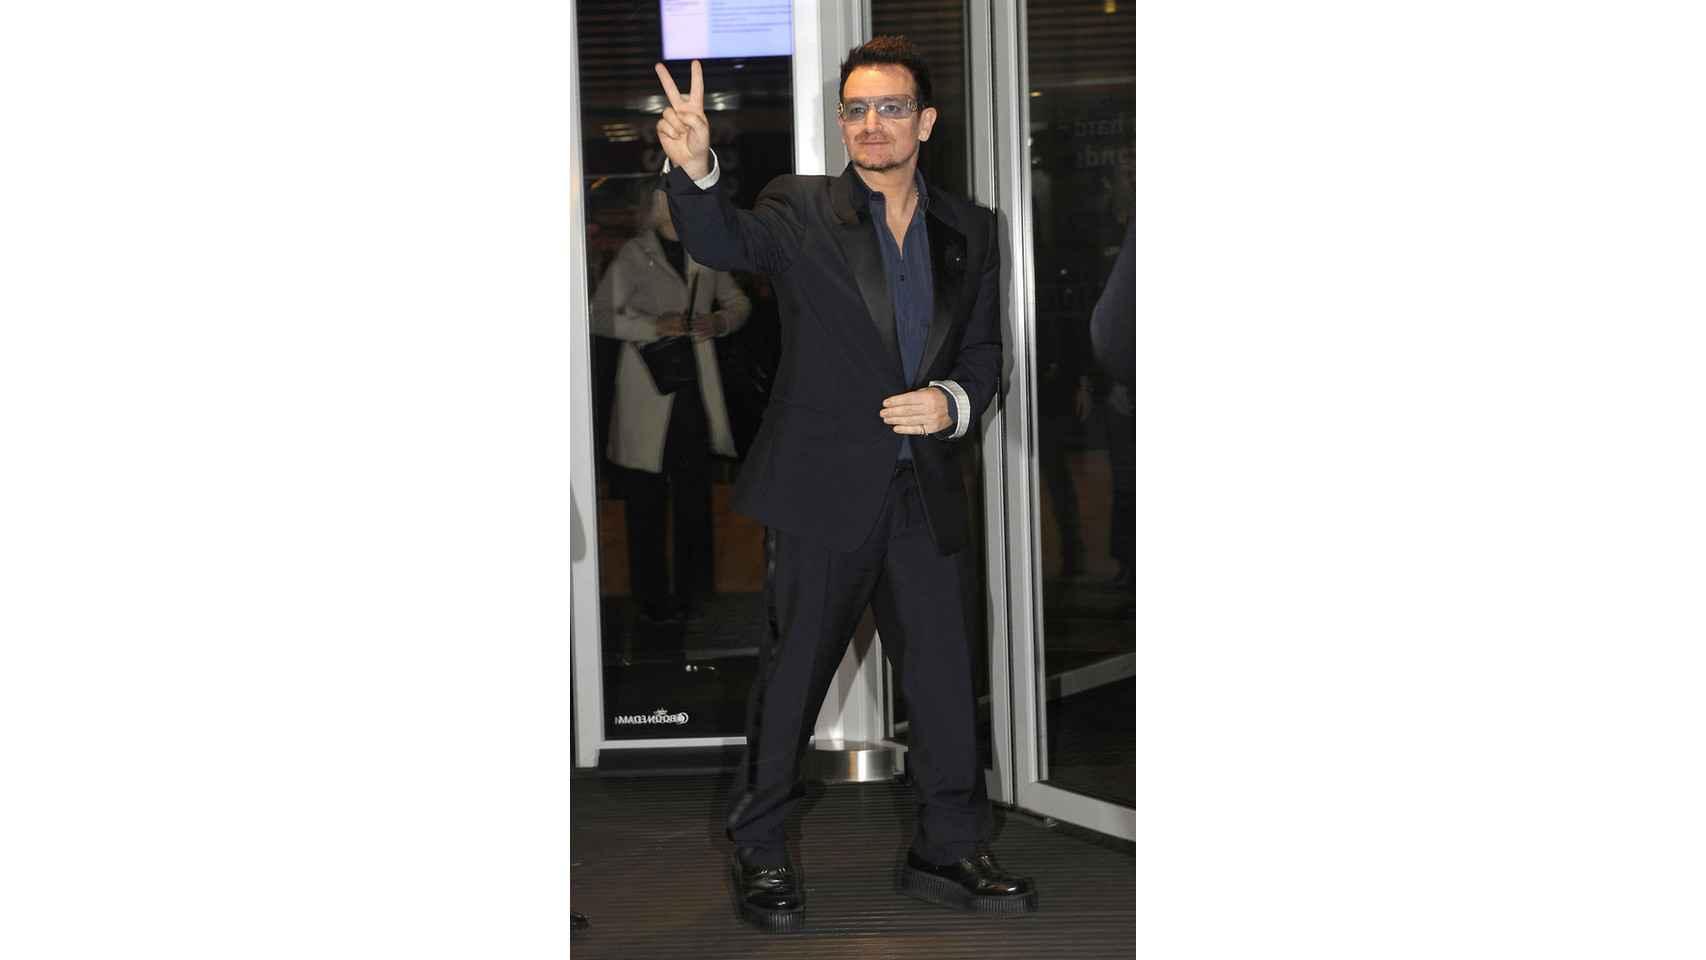 Amantes de las botas vaqueras, Bono y su grupo U2 lanzaron un single titulado Sexy Boots.